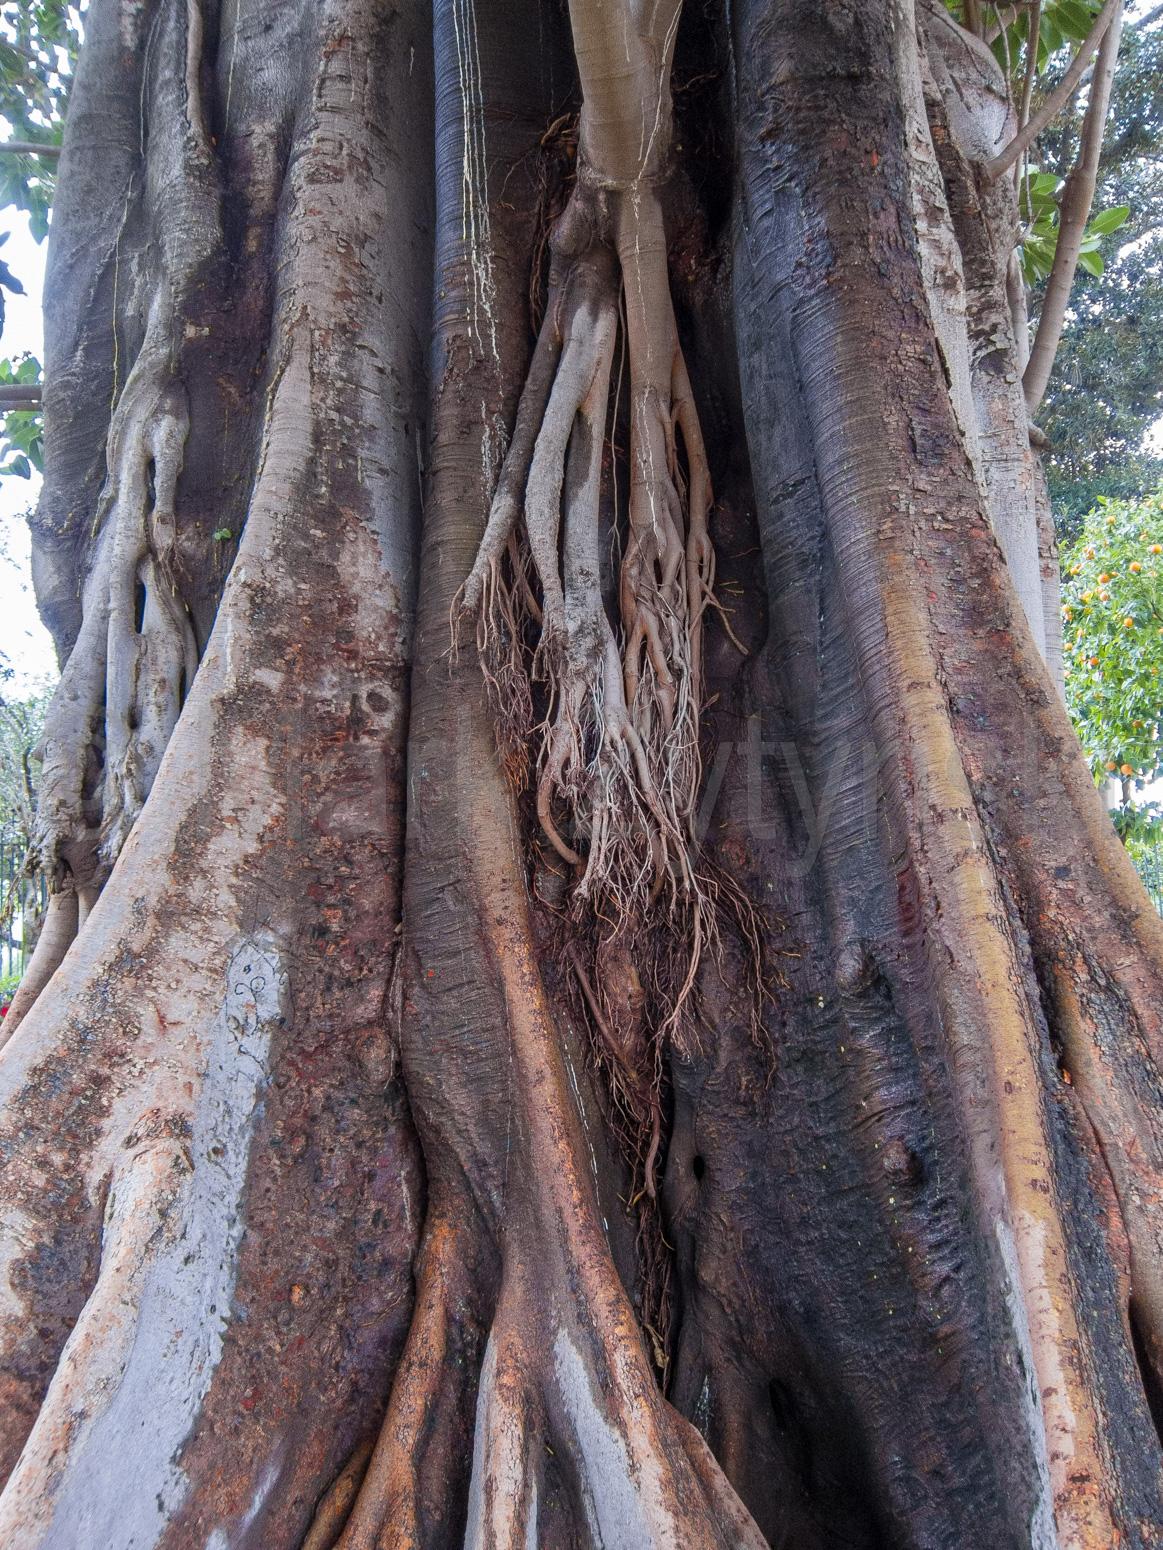 Zytynski-seville-banyan-tree-1487.jpg